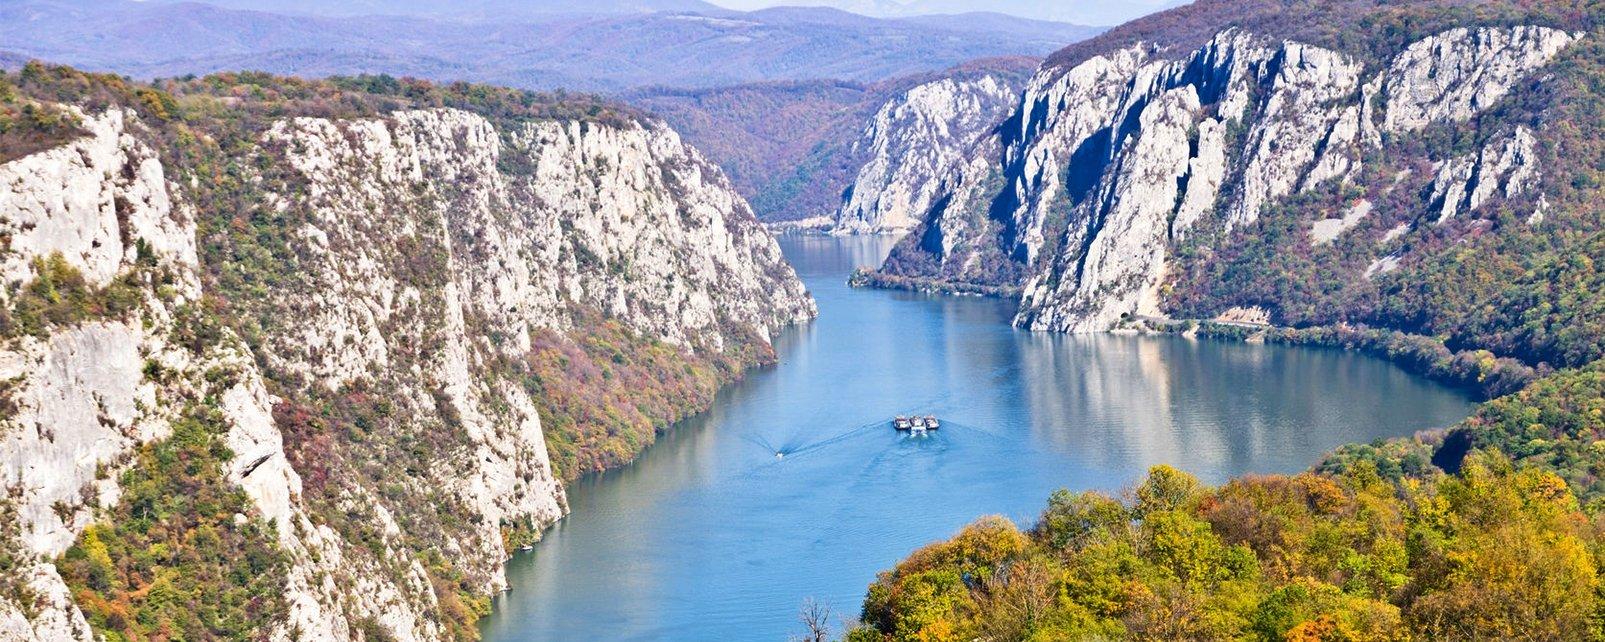 Les Portes de Fer, Les paysages, Belgrade, Serbie